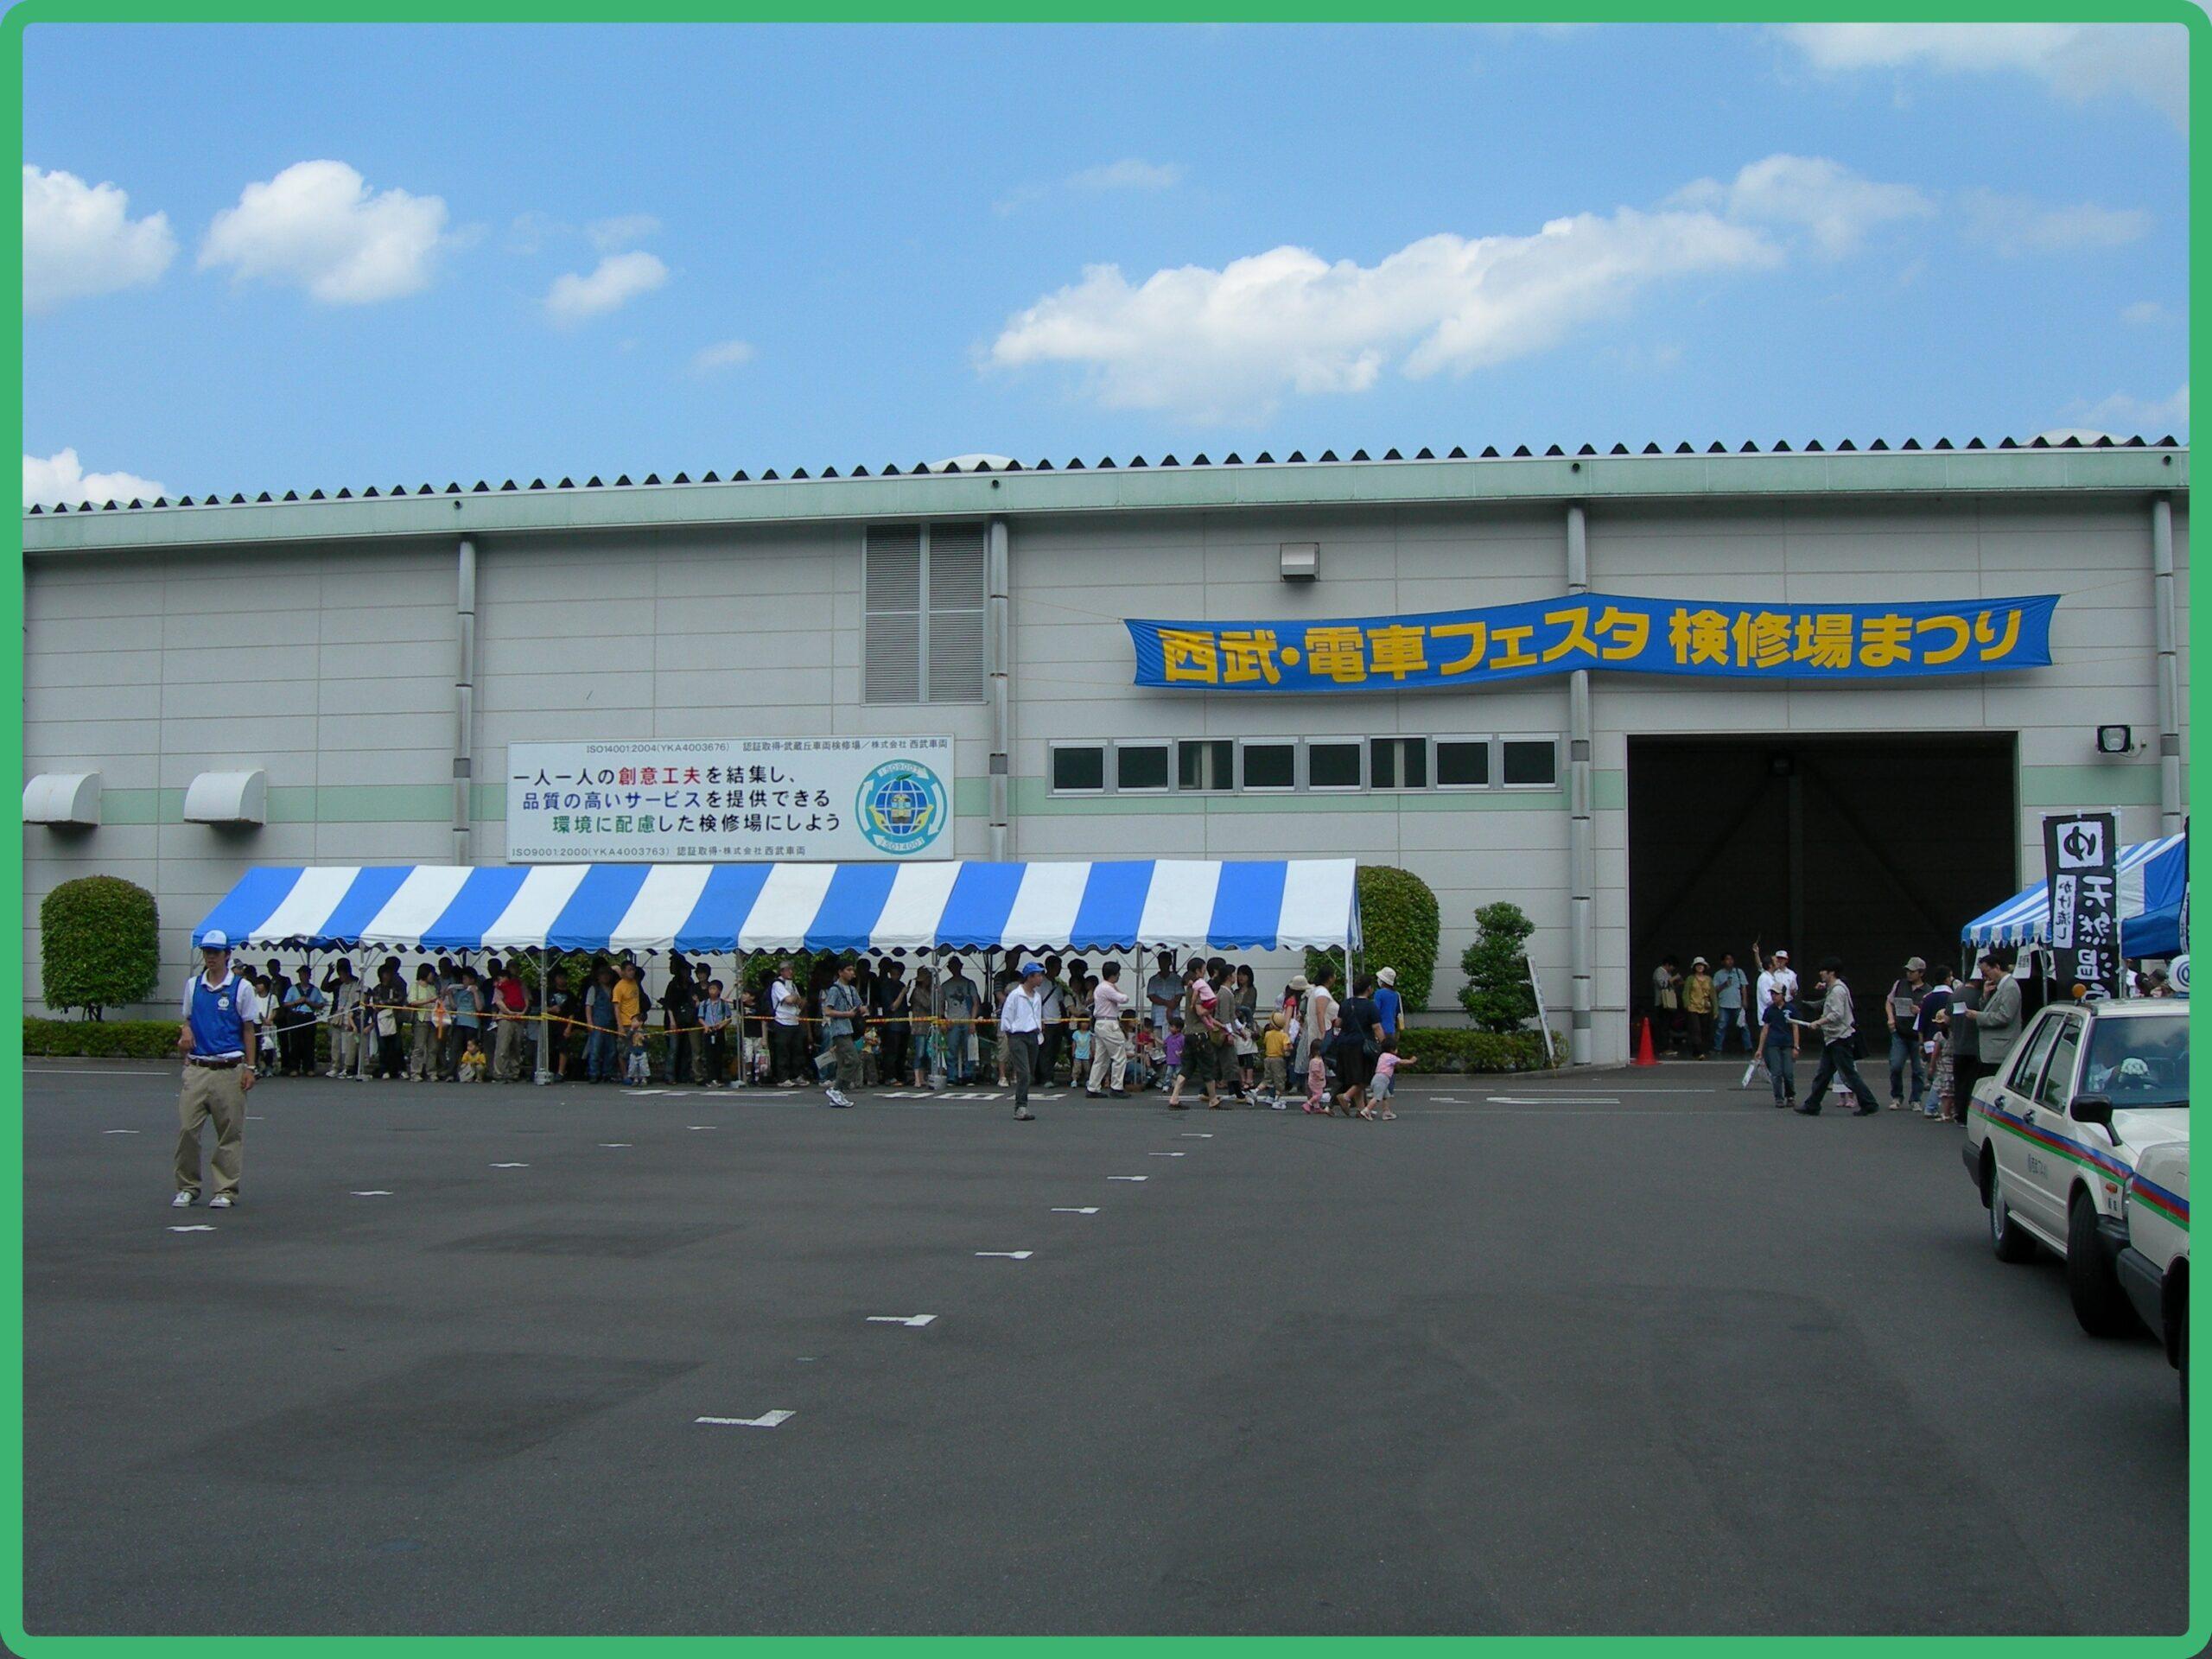 【武蔵丘車両基地公開2021】西武・電車フェスタin2021の開催へ開催日がついに発表